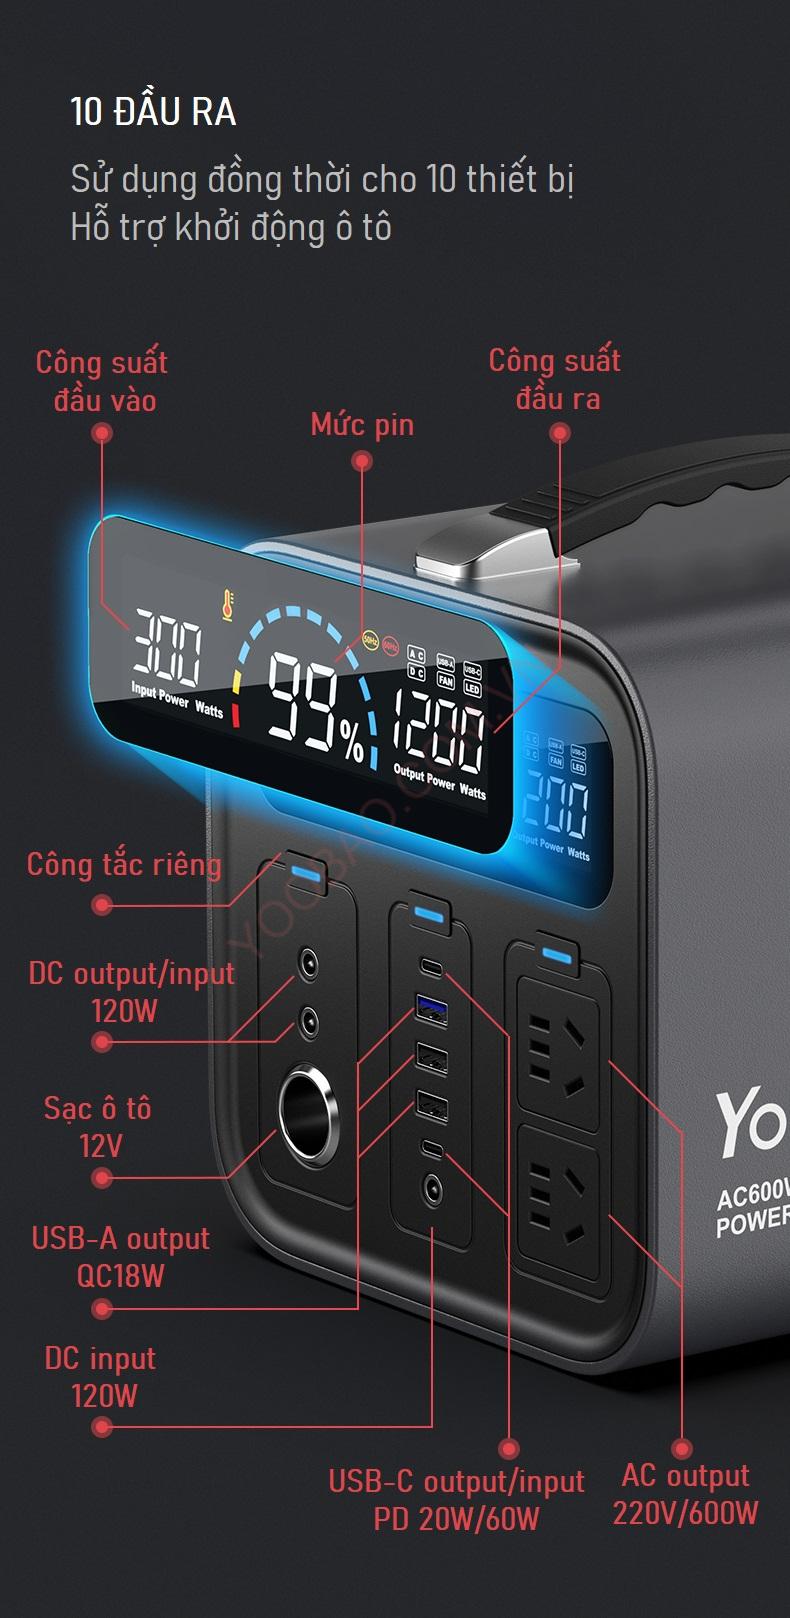 Trạm sạc dự phòng Yoobao EN600S 148800mAh PD60W 220V/600W